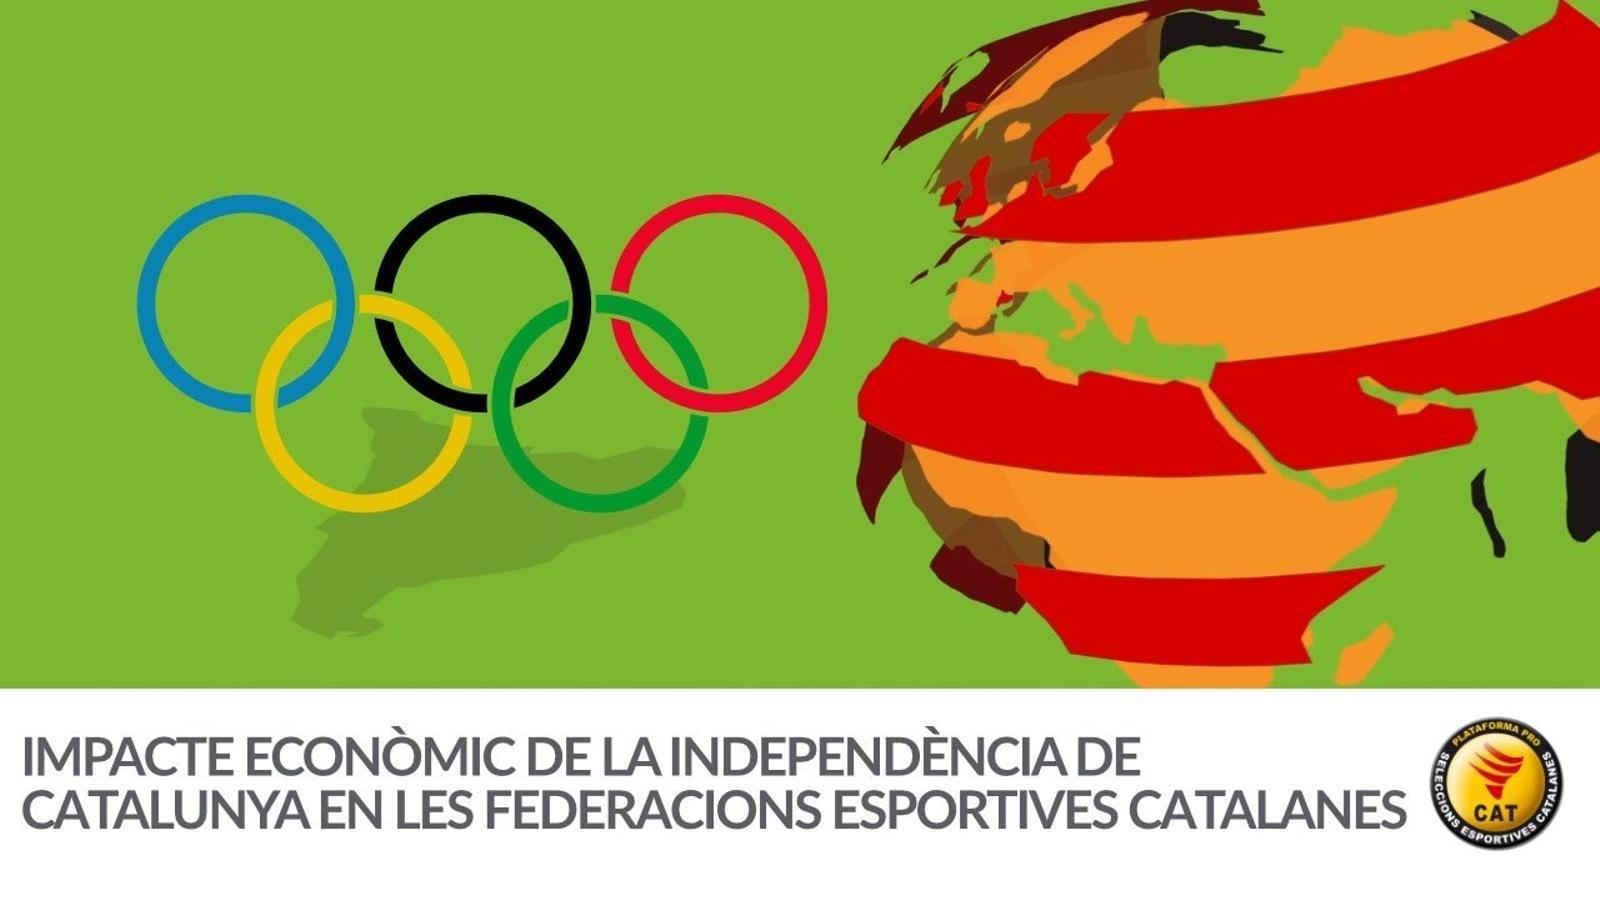 Impacte econòmic de la independència en les federacions esportives catalanes